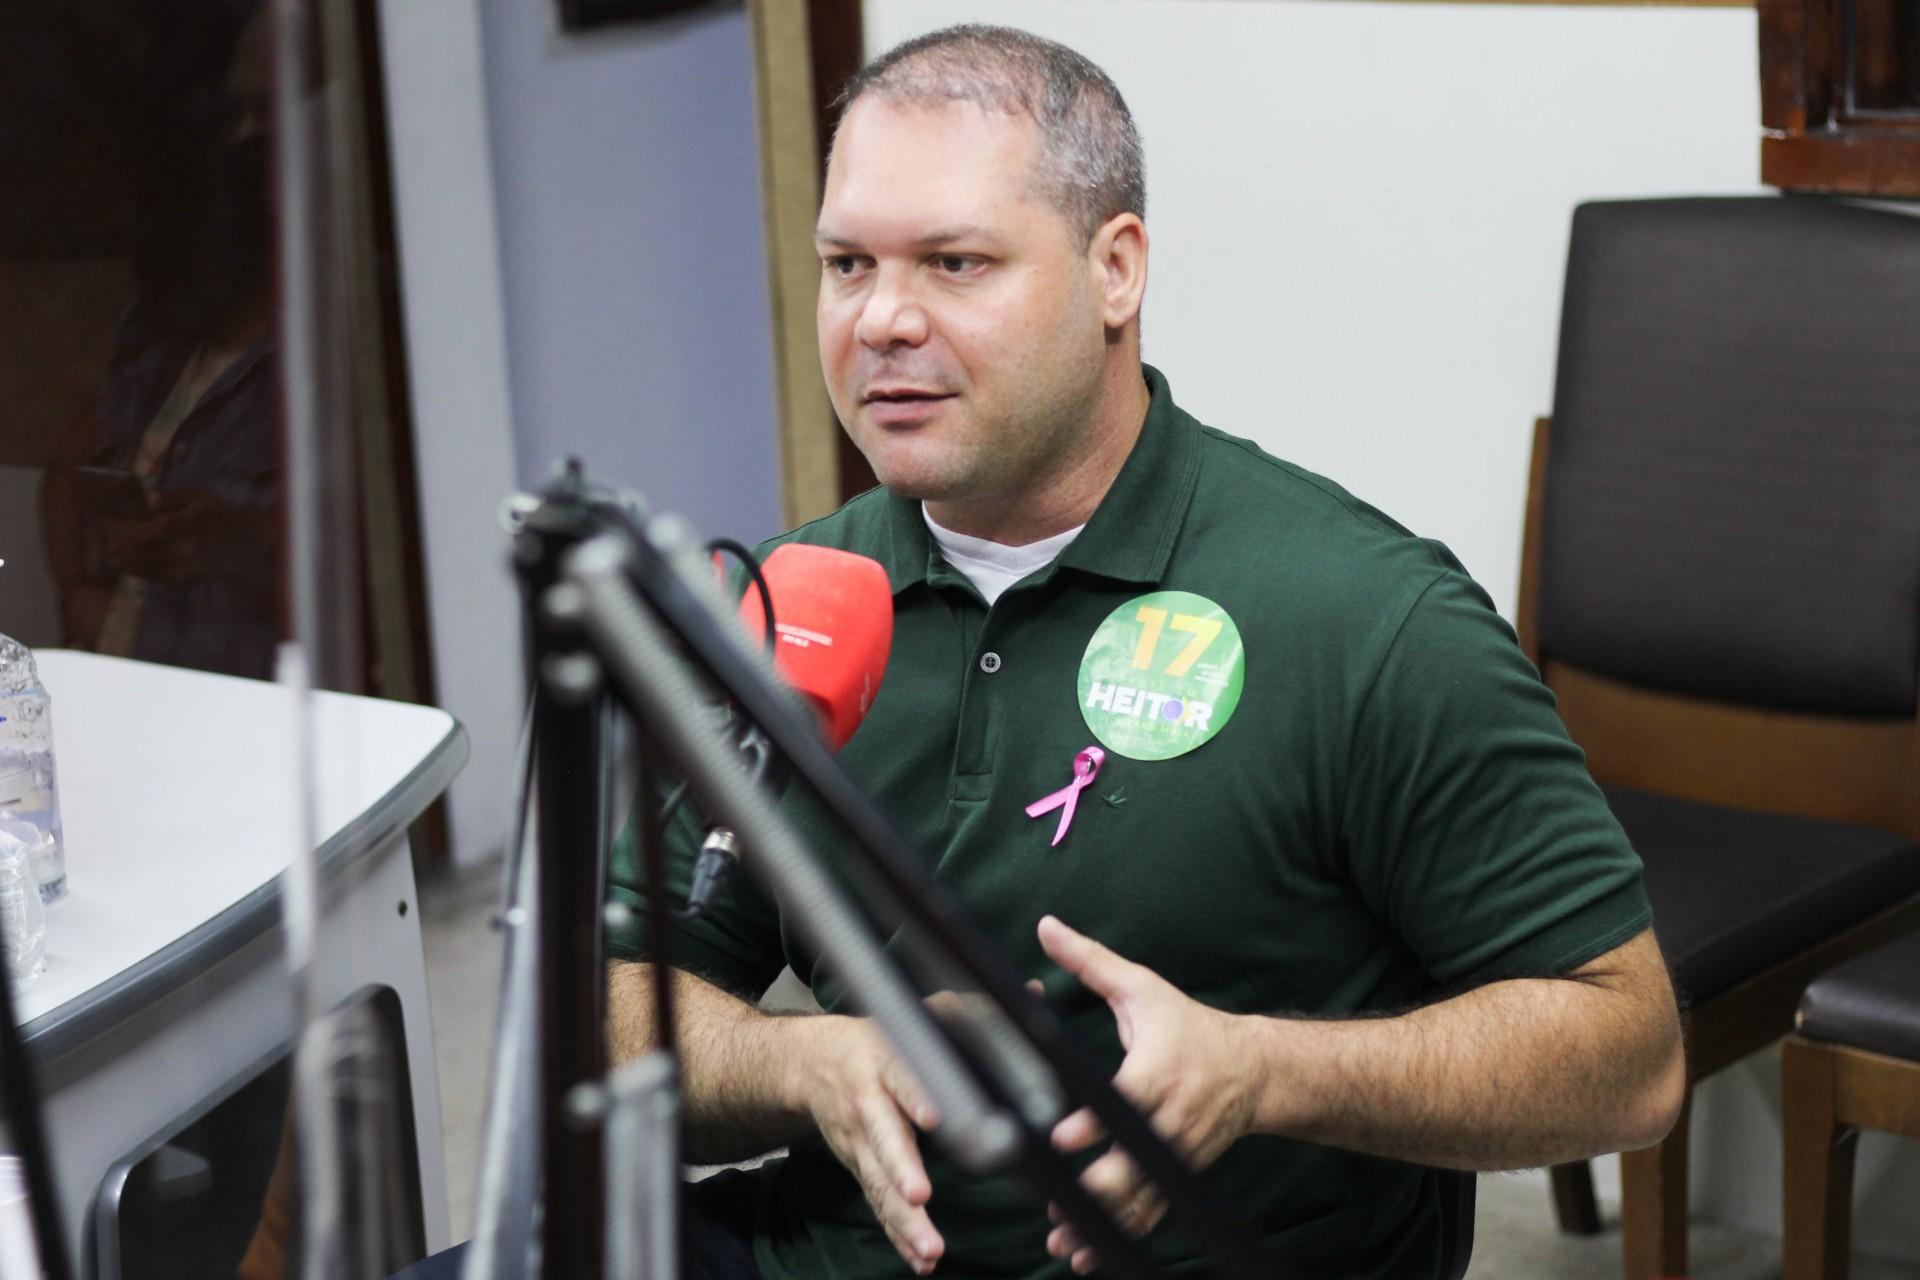 HEITOR FREIRE foi entrevistado pelos jornalistas Carlos Mazza, Eduarda Talicy e Maísa Vasconcelos